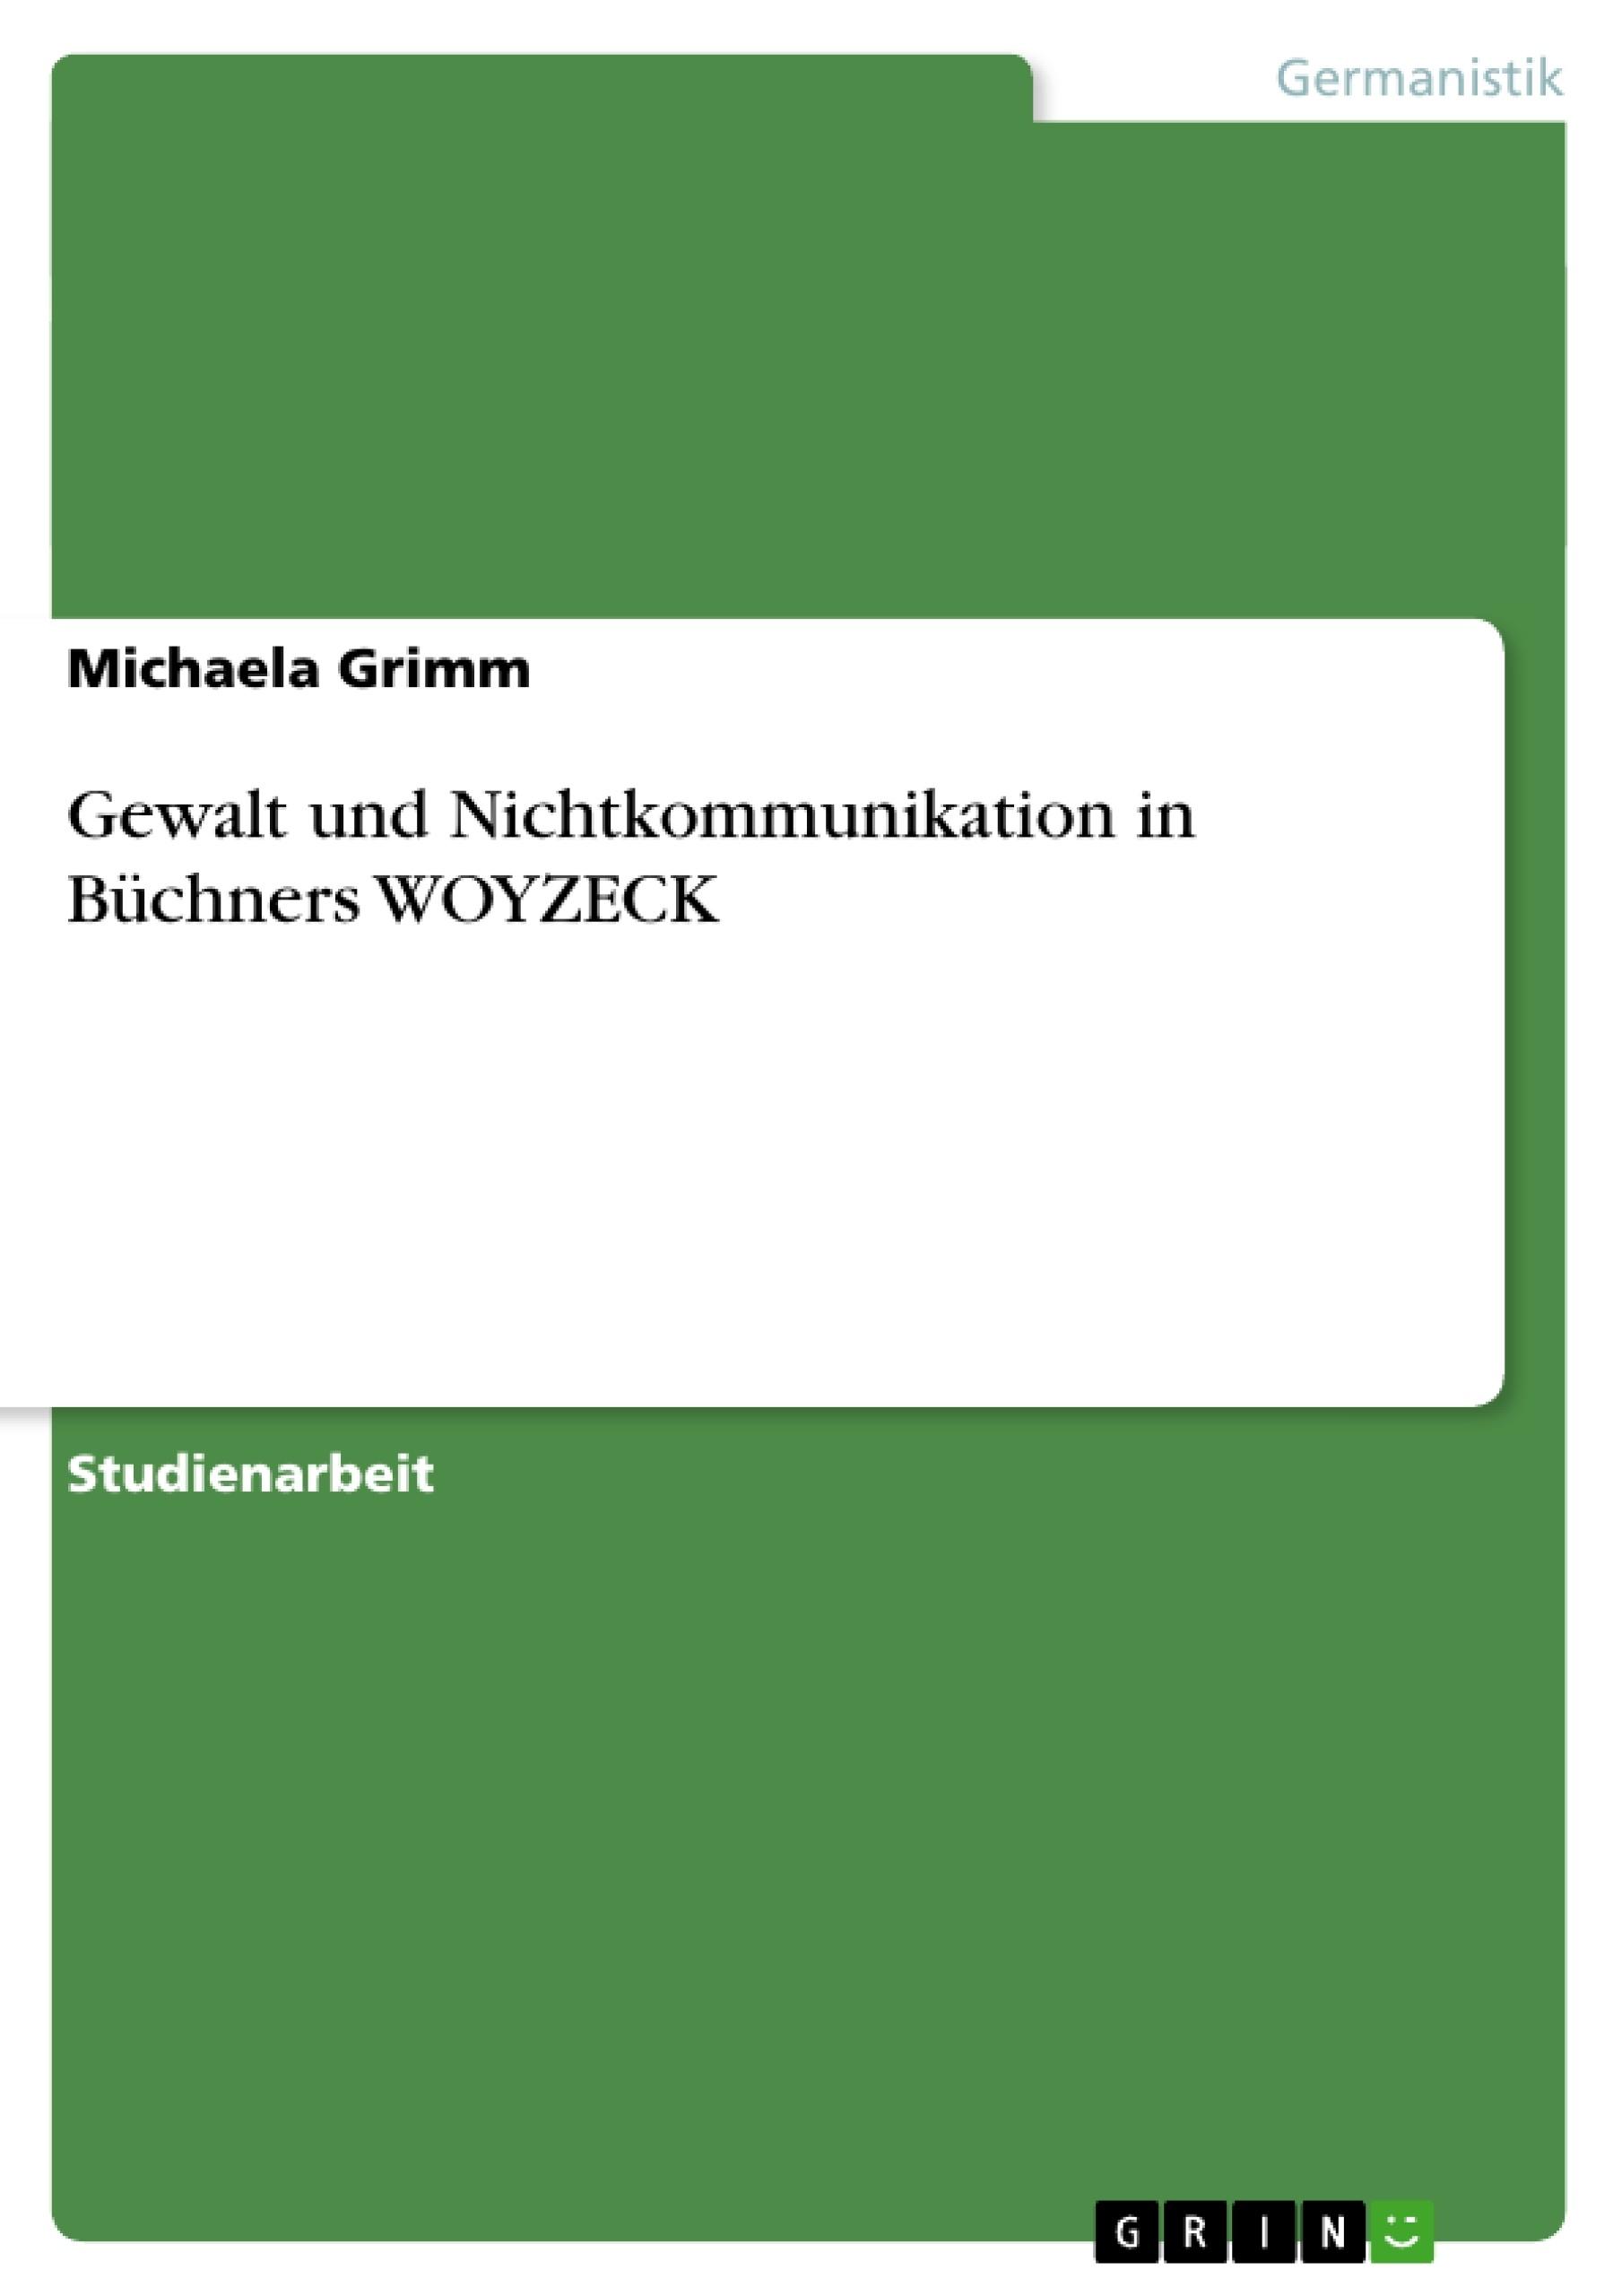 Titel: Gewalt und Nichtkommunikation in Büchners WOYZECK